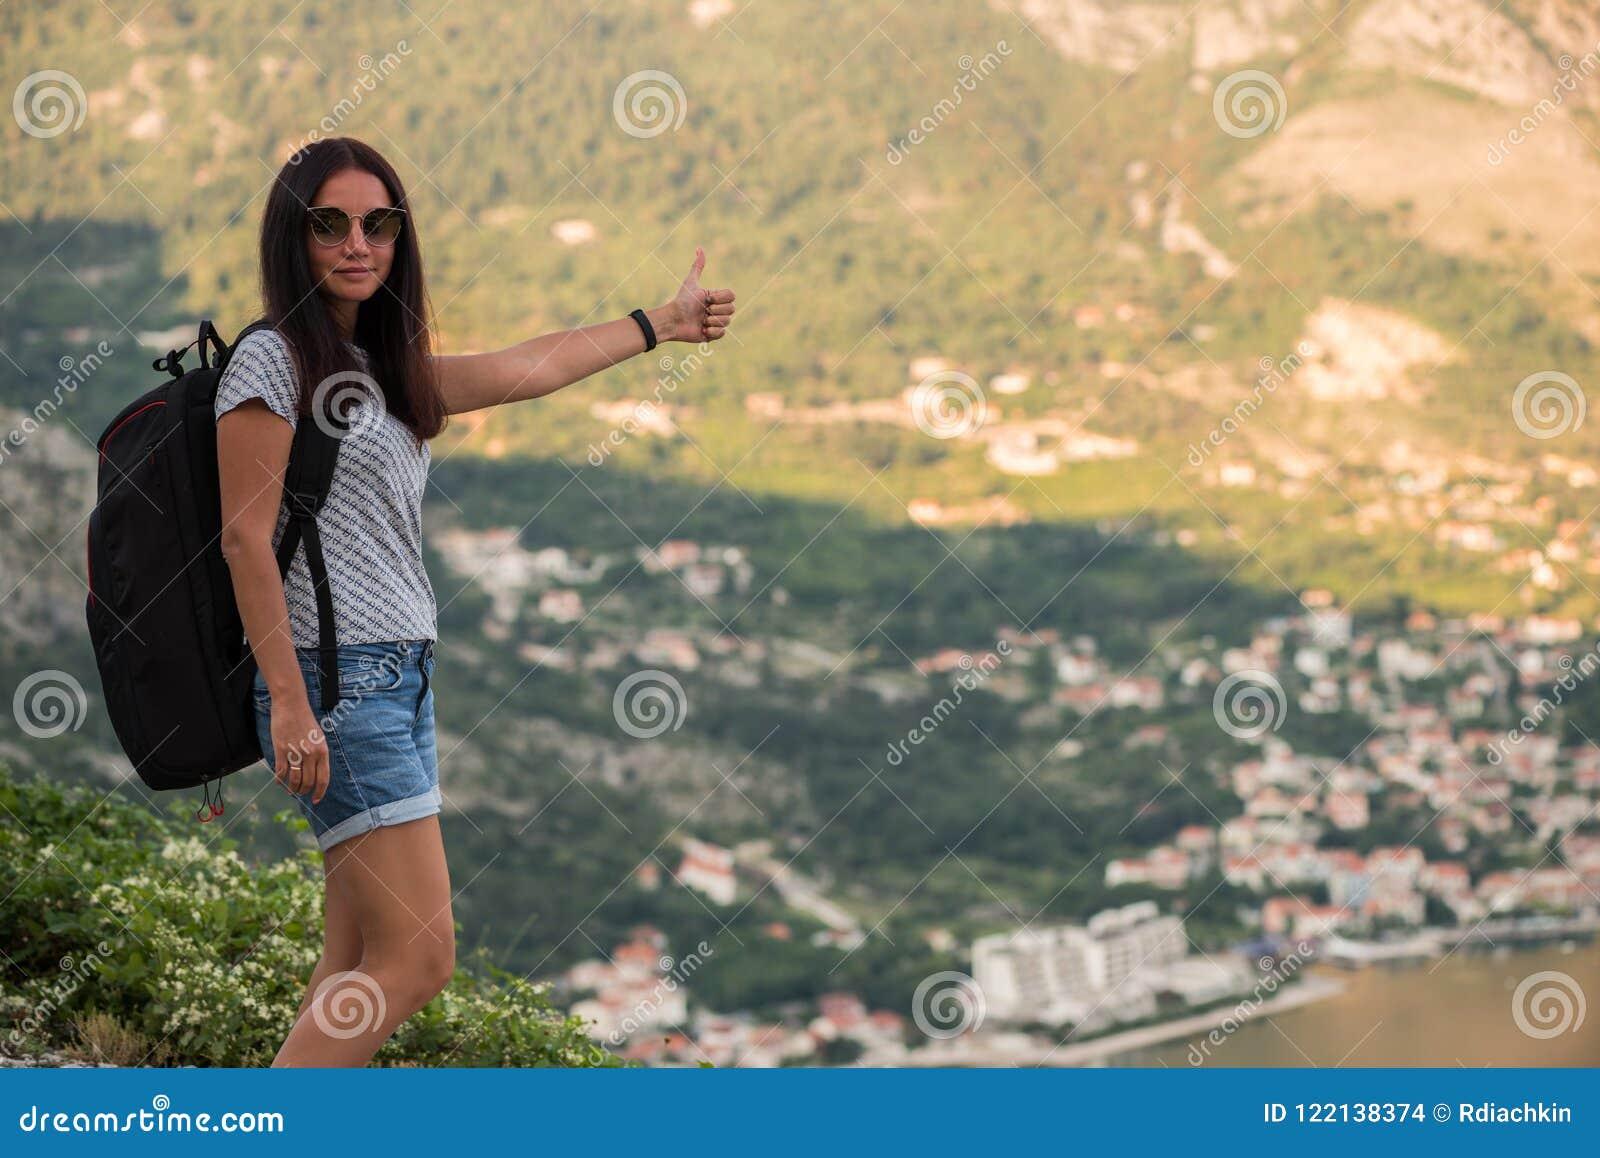 Hacen Esencial Embala Las Mochilas Forma Hace A Autostop De Volumen Viaja En Mujer La Vida El Que Excursionismo Camino Jóvenes Aventurera TqB5gg